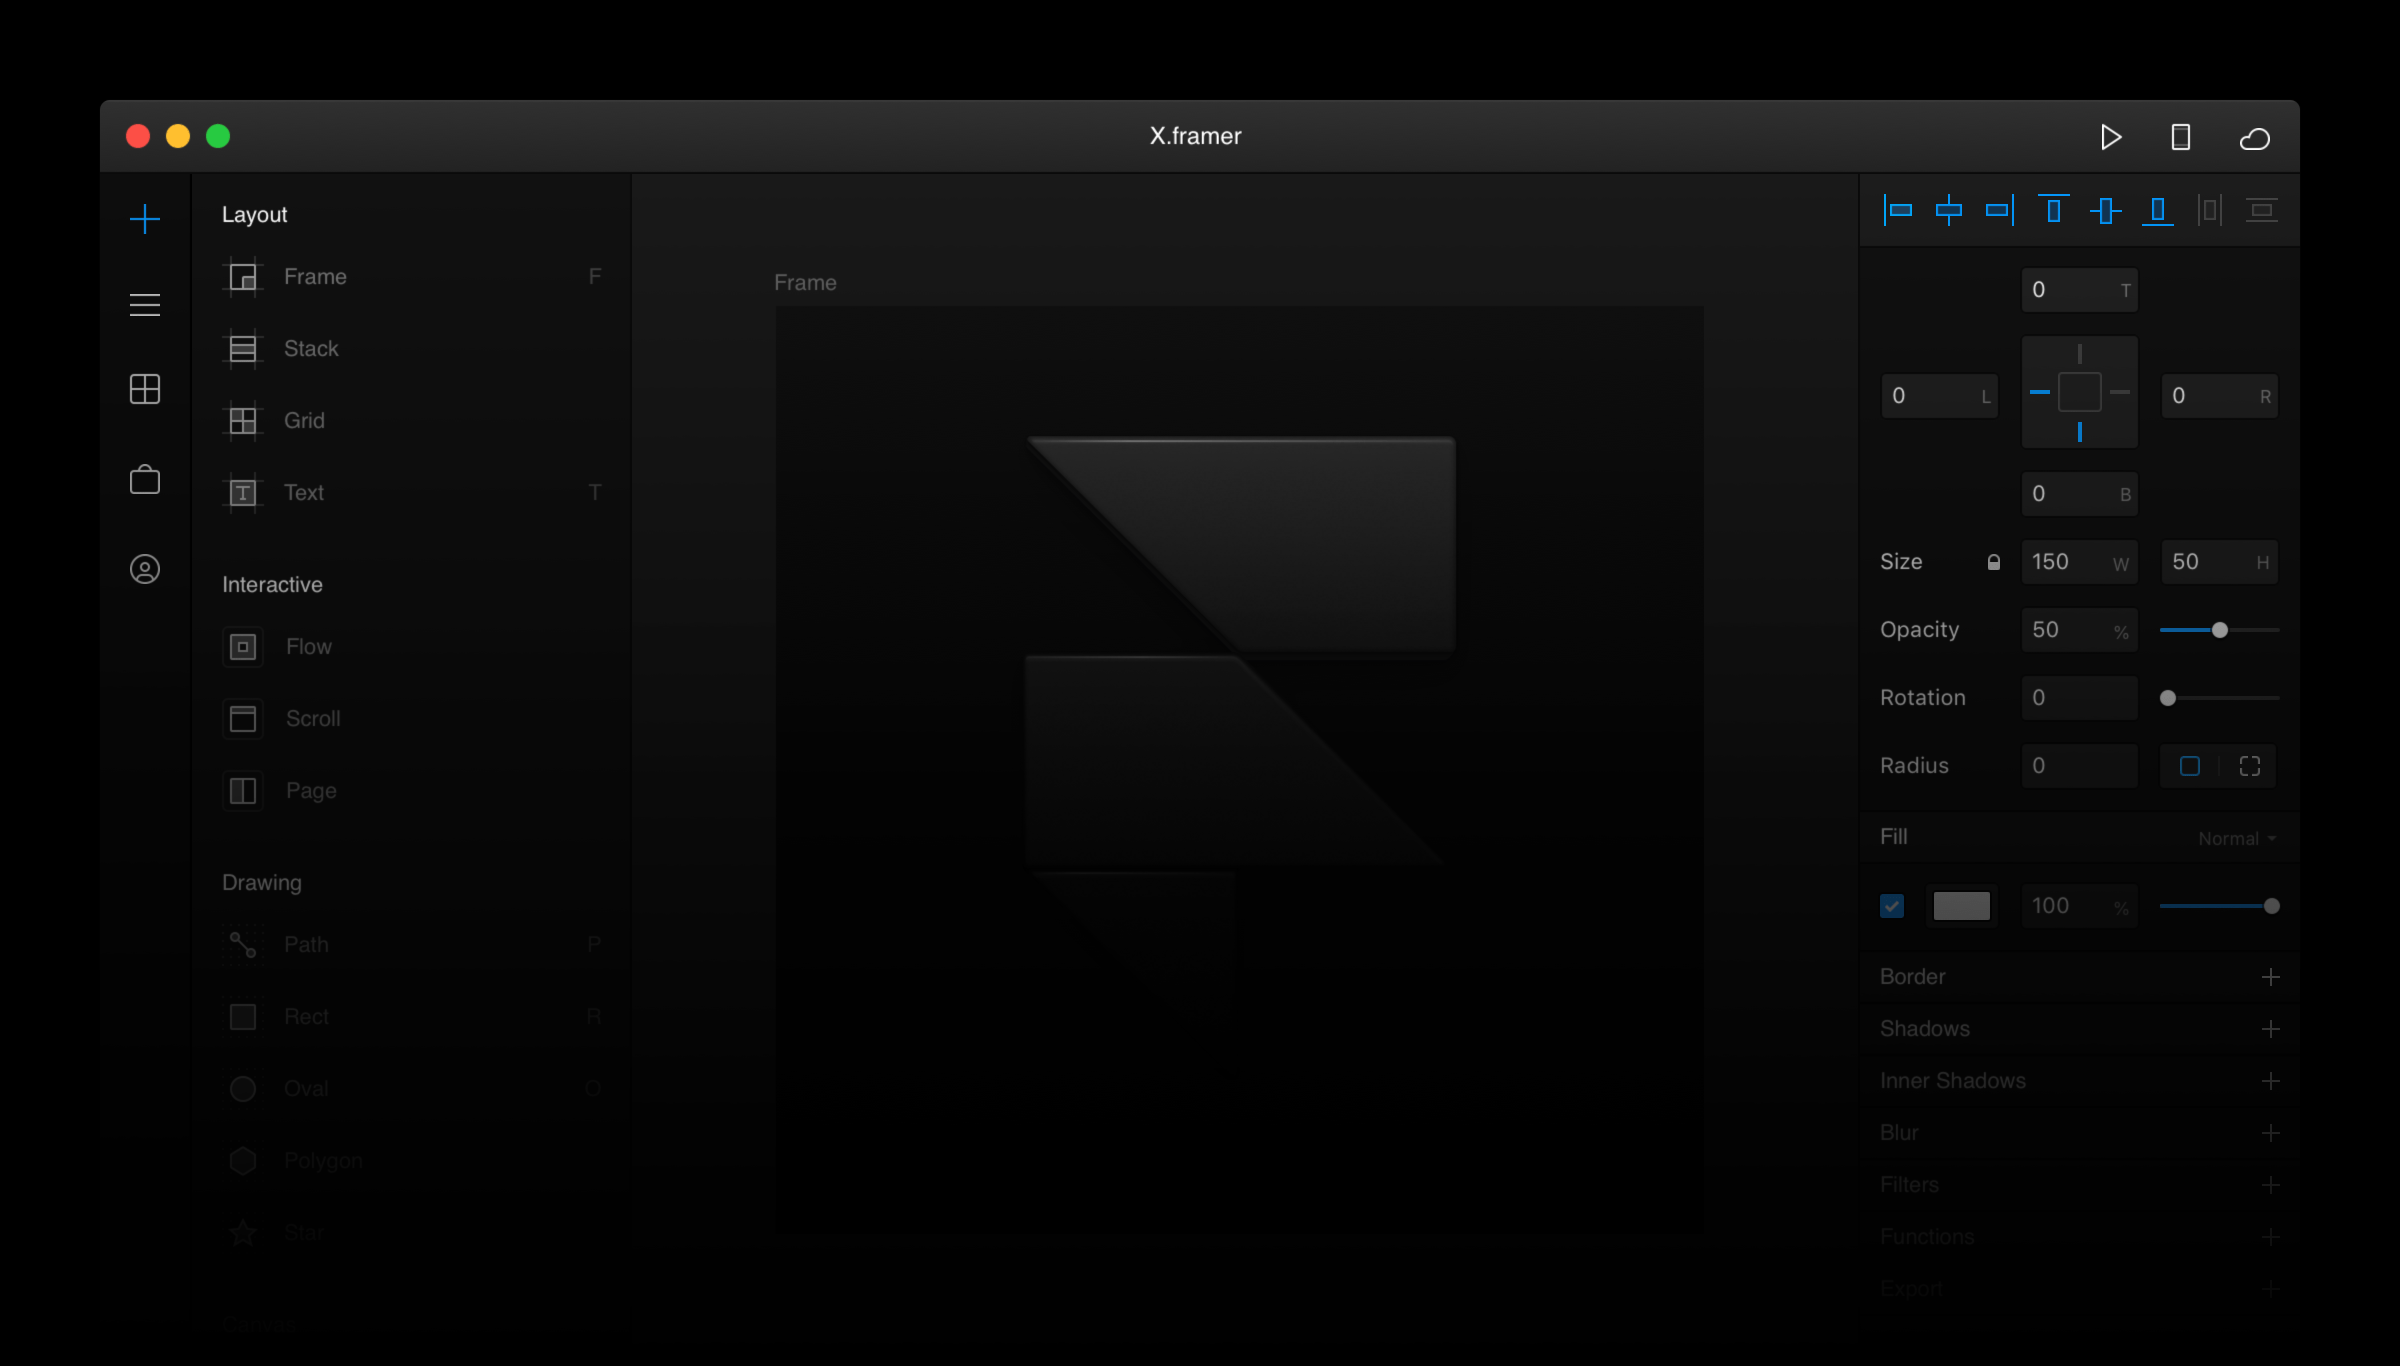 Framer UI